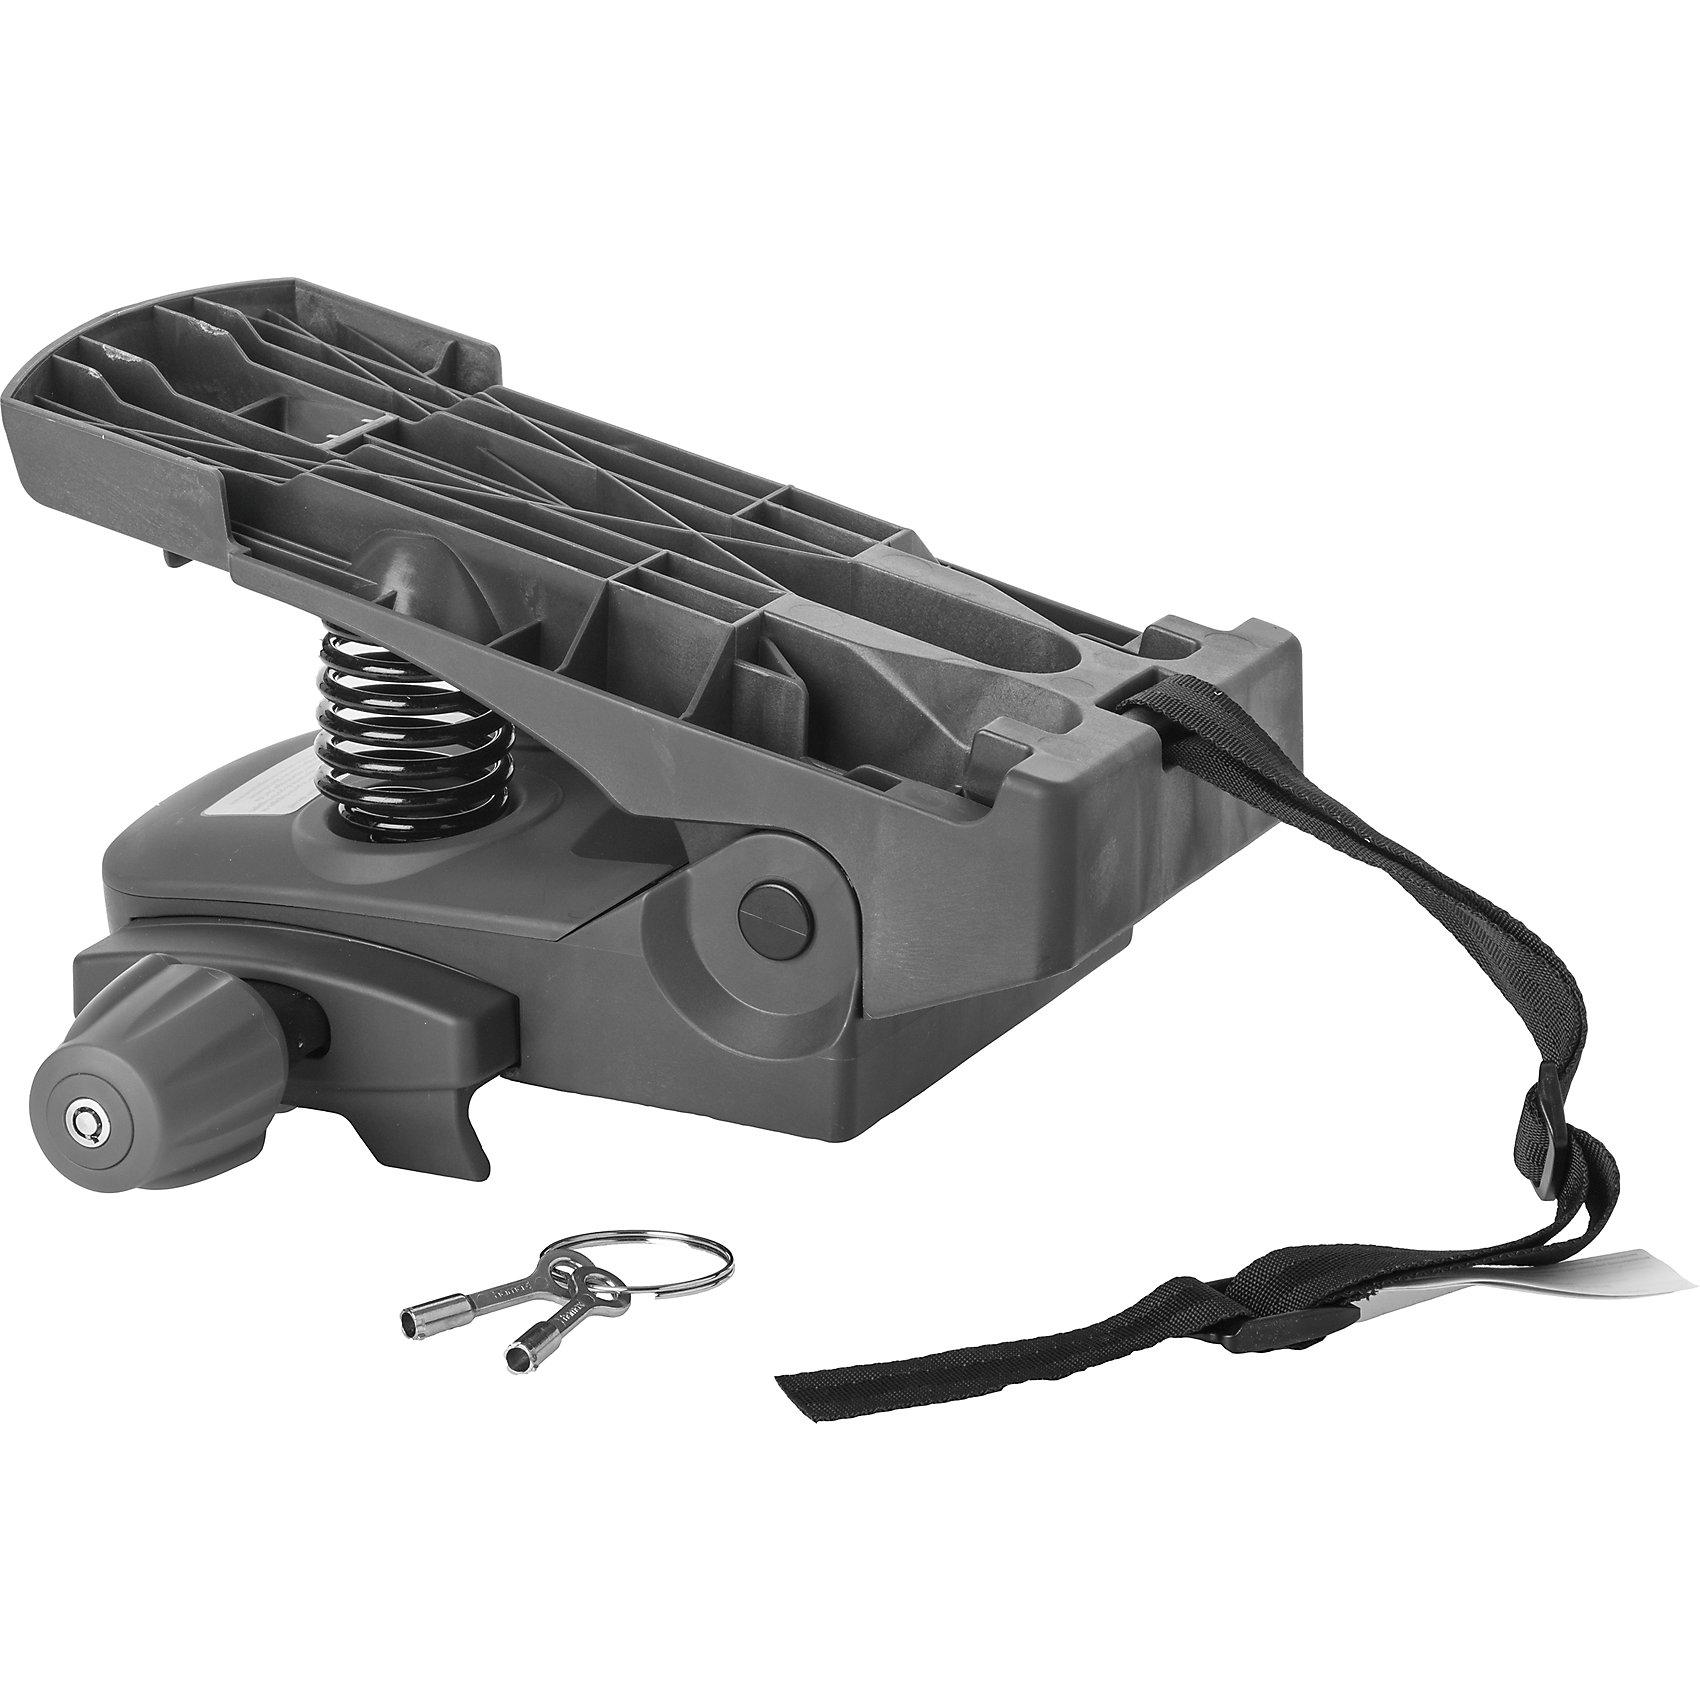 Адаптор для крепления на багажник Caress Carrier Adapter, Hamax, серыйАксеcсуары для велосипедов<br>Характеристики товара:<br><br>• цвет: серый<br>• вид адаптера: Caress ( 25-30 кг)<br>• крепление для труб от 10 до 20 мм<br>• размер упаковки (ДхШхВ): 32x25x12см<br>• вес: 1,3 кг<br>• страна бренда: Польша<br>• страна производитель: Китай<br><br>Адаптор для крепления на багажник Caress Carrier Adapter, Hamax, серый можно купить в нашем интернет-магазине.<br><br>Ширина мм: 245<br>Глубина мм: 167<br>Высота мм: 313<br>Вес г: 1789<br>Возраст от месяцев: 9<br>Возраст до месяцев: 48<br>Пол: Унисекс<br>Возраст: Детский<br>SKU: 5582629